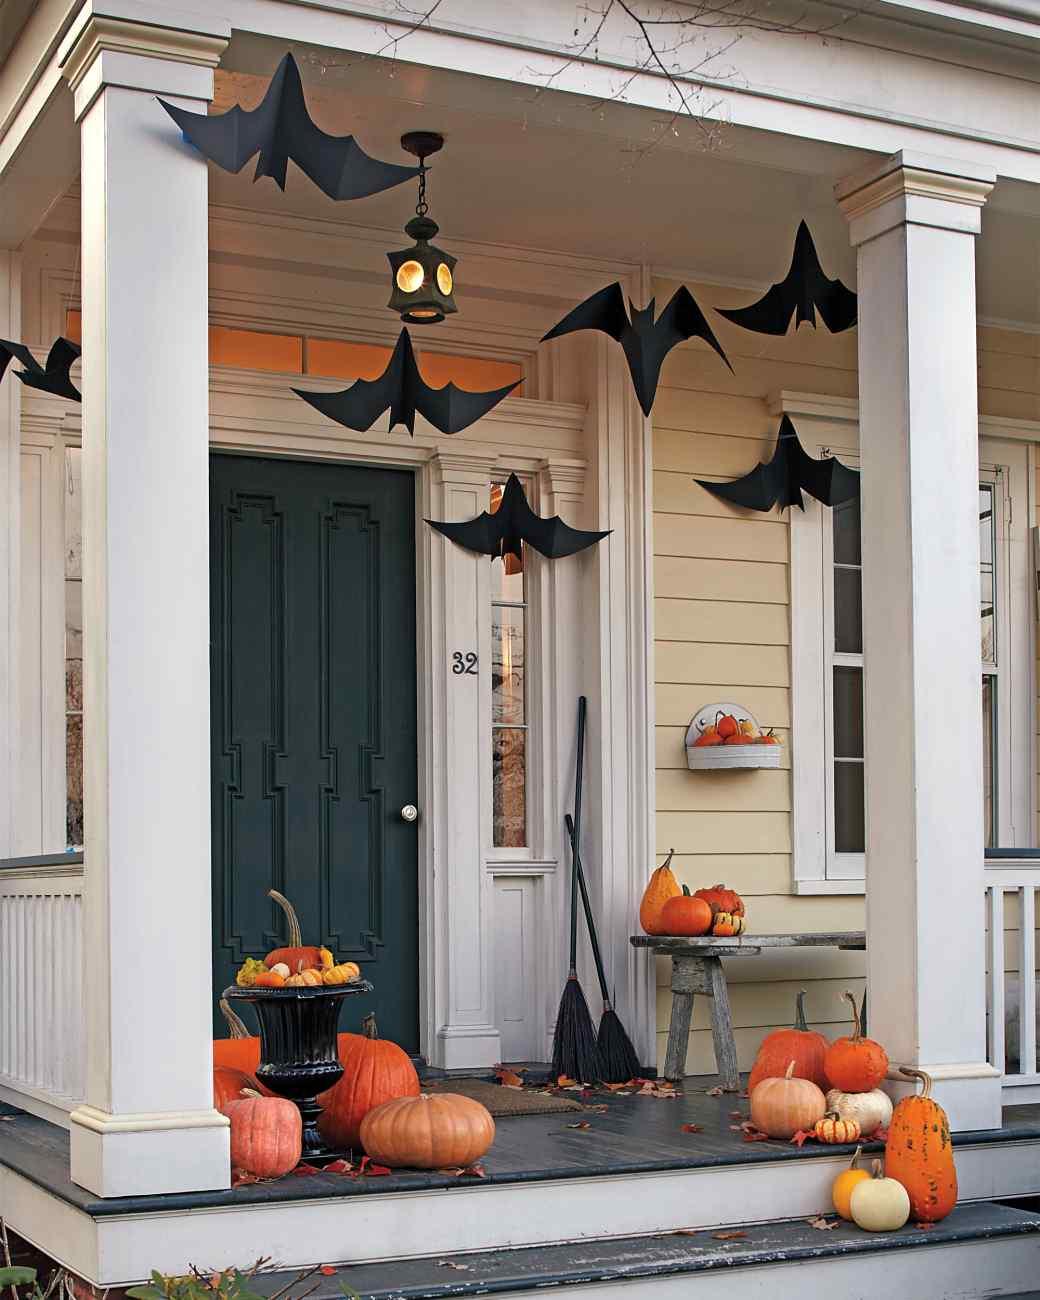 Porch Bat Decorations